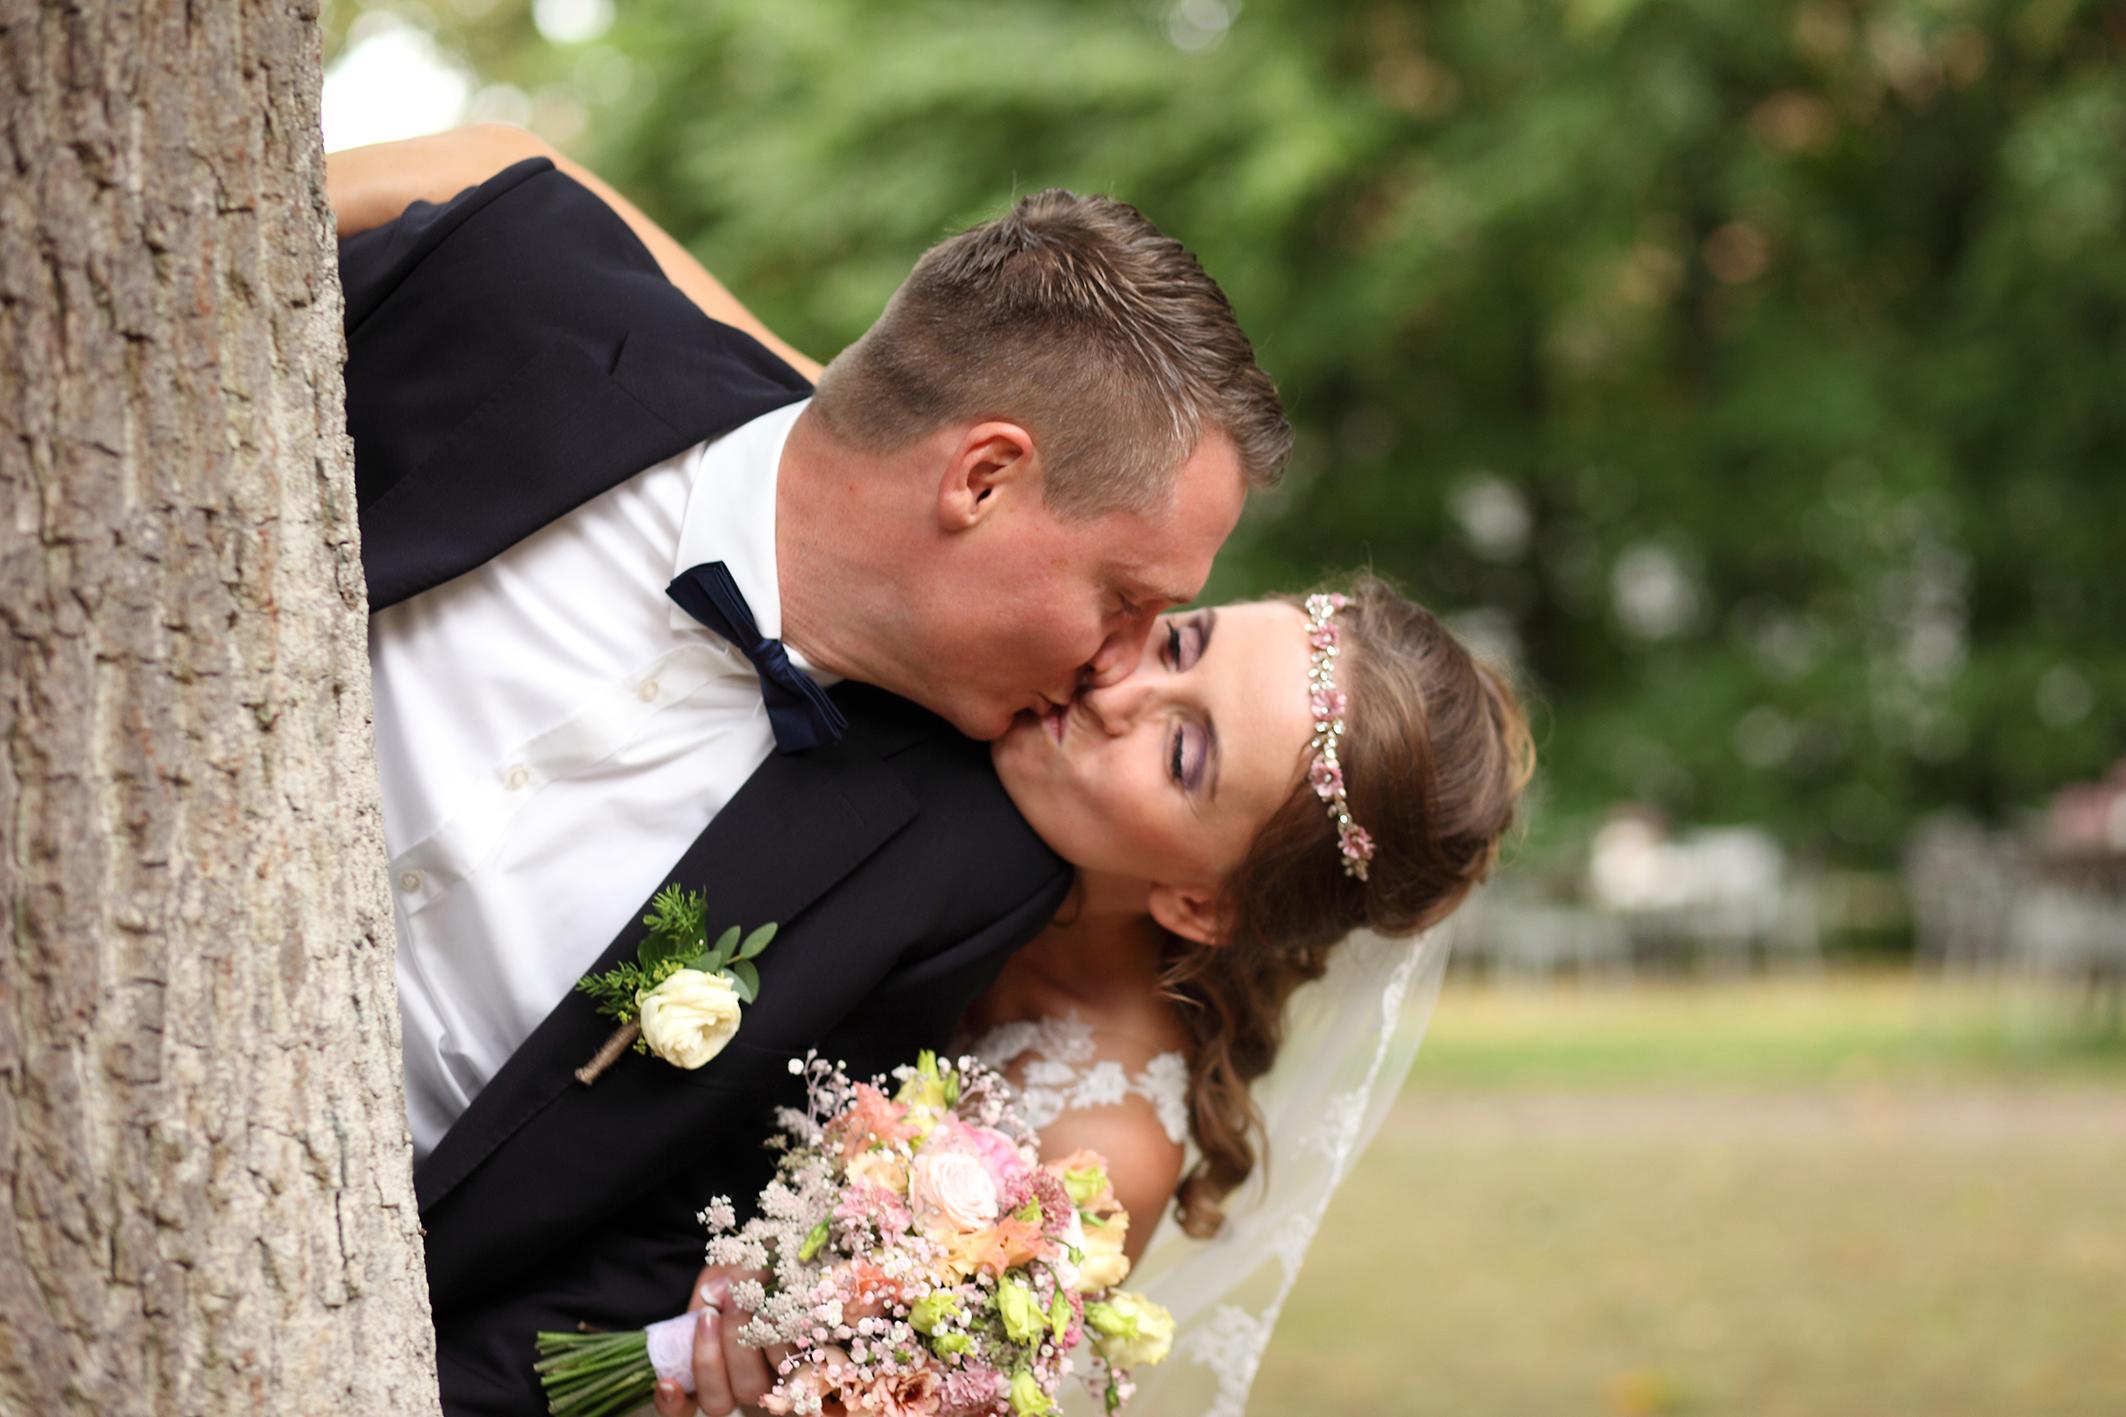 Hochzeitsaufnahmen im Grünen, am Standesamt, an der Kirche oder dem Ort ihrer Feier